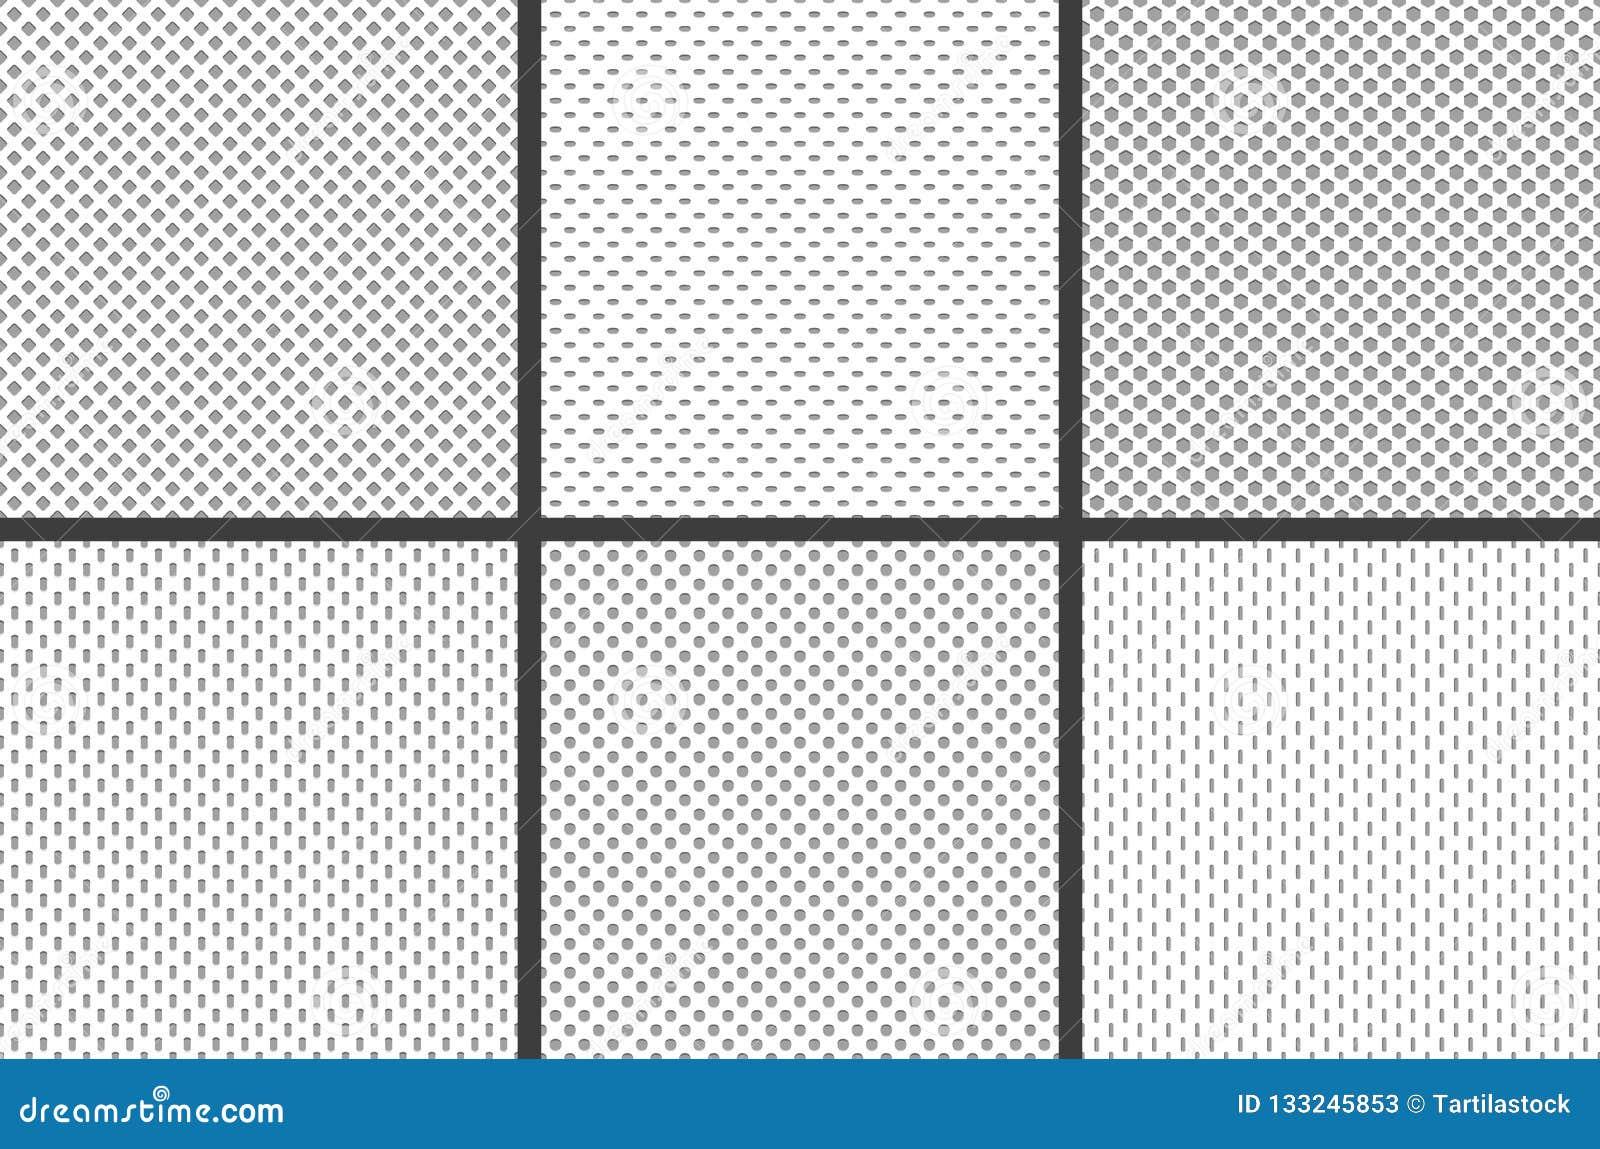 De stoffentexturen van sportjersey De atletische textieltextuur van de netwerk materiële structuur, nylon sporten draagt naadloze